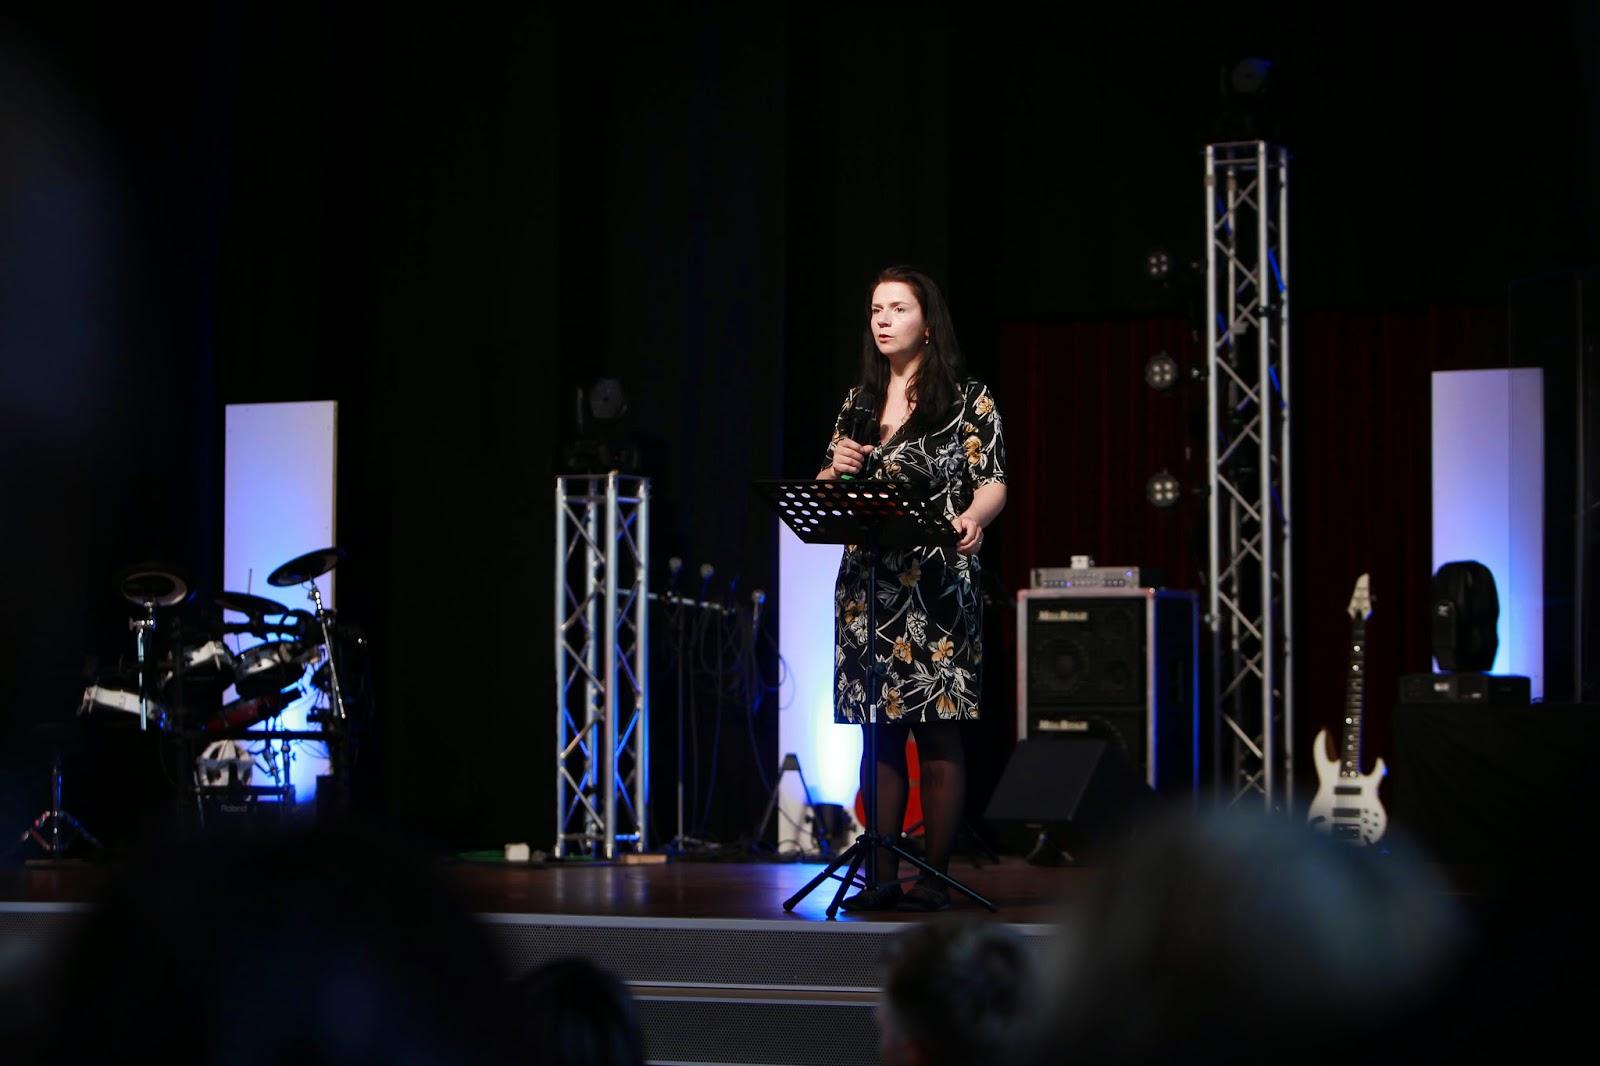 Birgit Kelle WERA Forum Duisburg